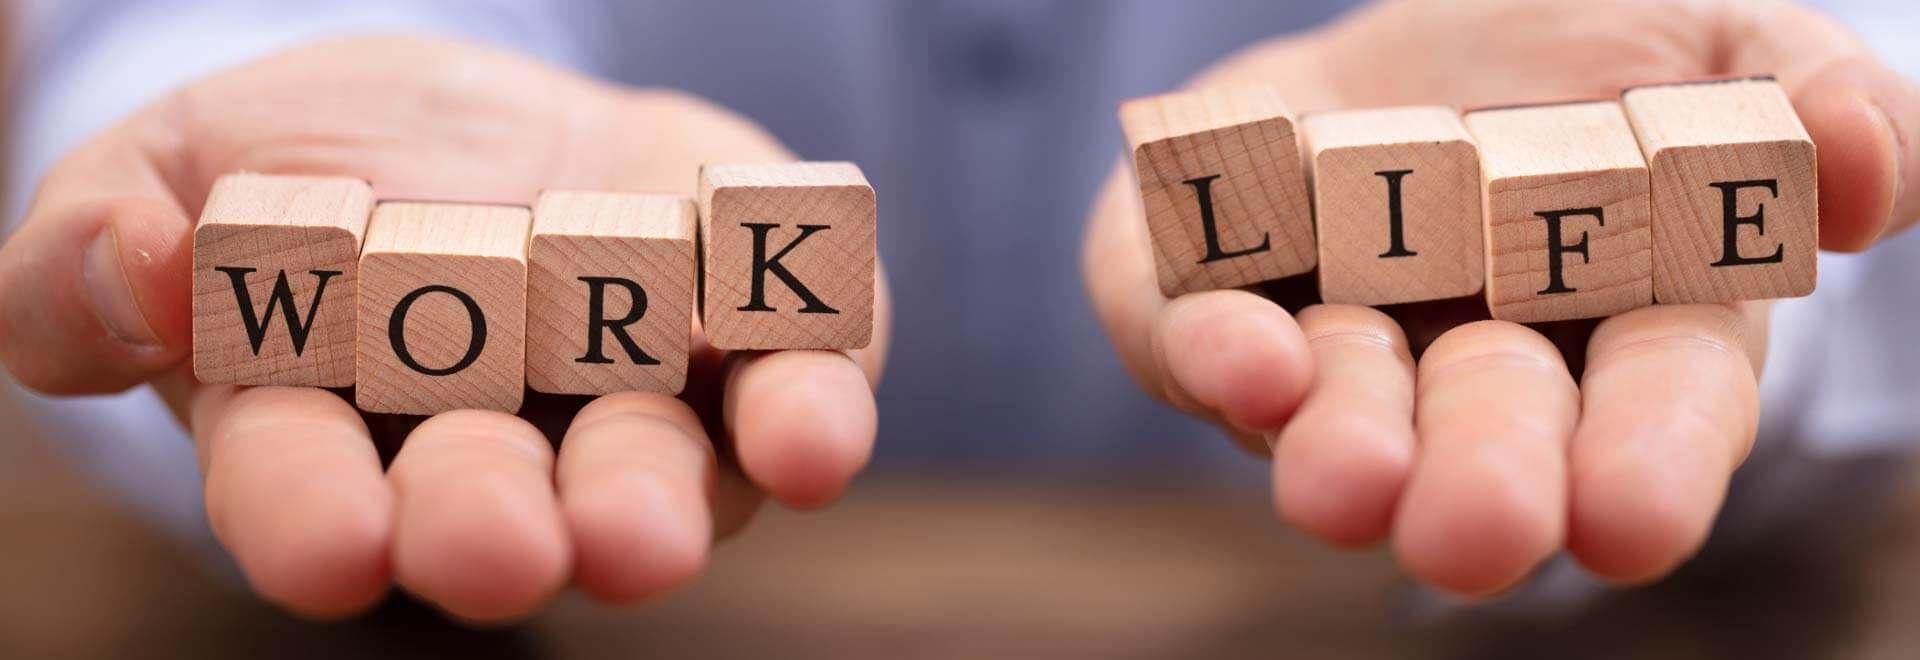 auf zwei Händen liegen Buchstabenwürfel mit den Worten work life